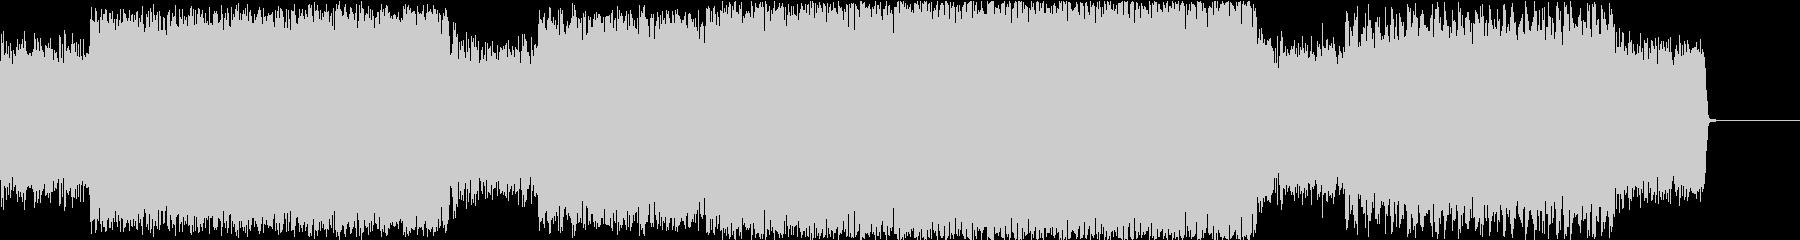 暗く激しい逃げまとう怪しいイメージの未再生の波形